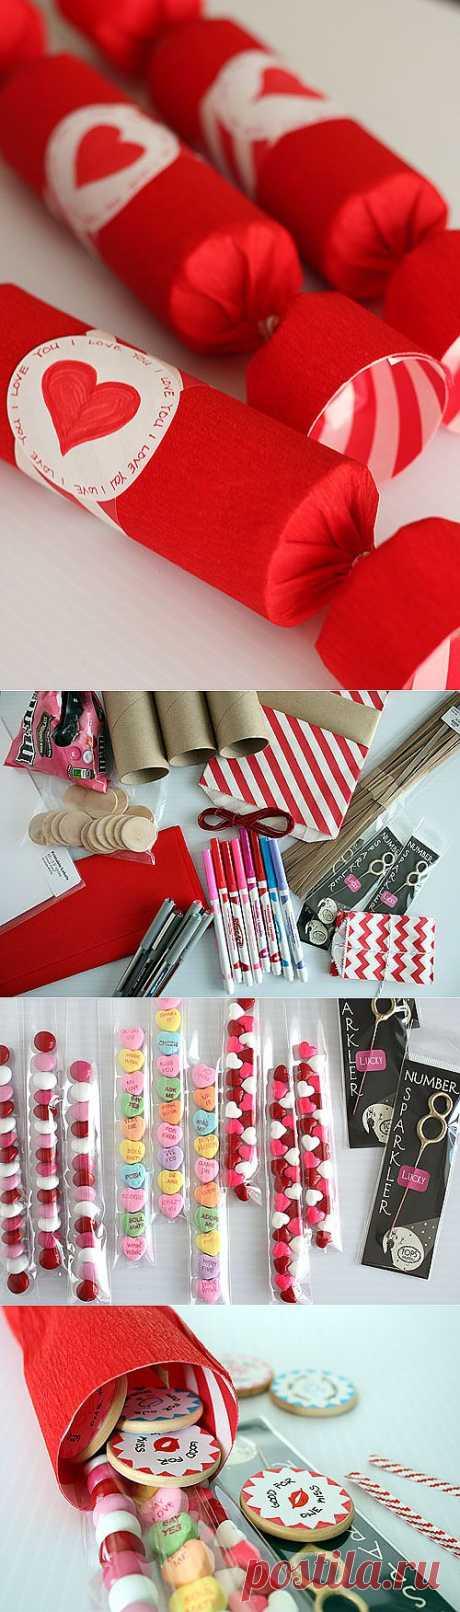 Идеи для праздника, подарки » Сладкий сюрприз на День Святого Валентина